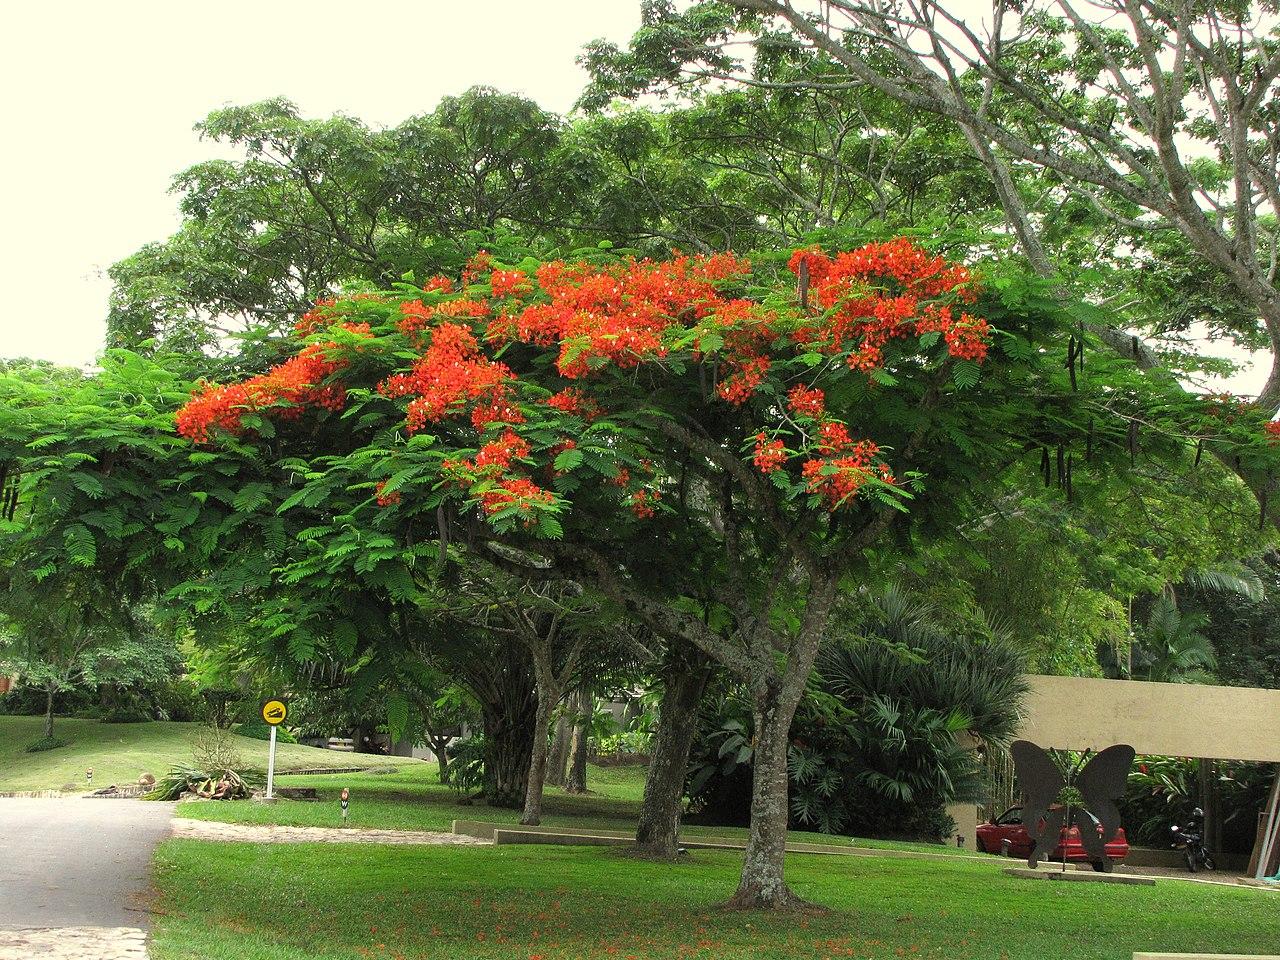 El flamboyan es un árbol caducifolio o perennifolio